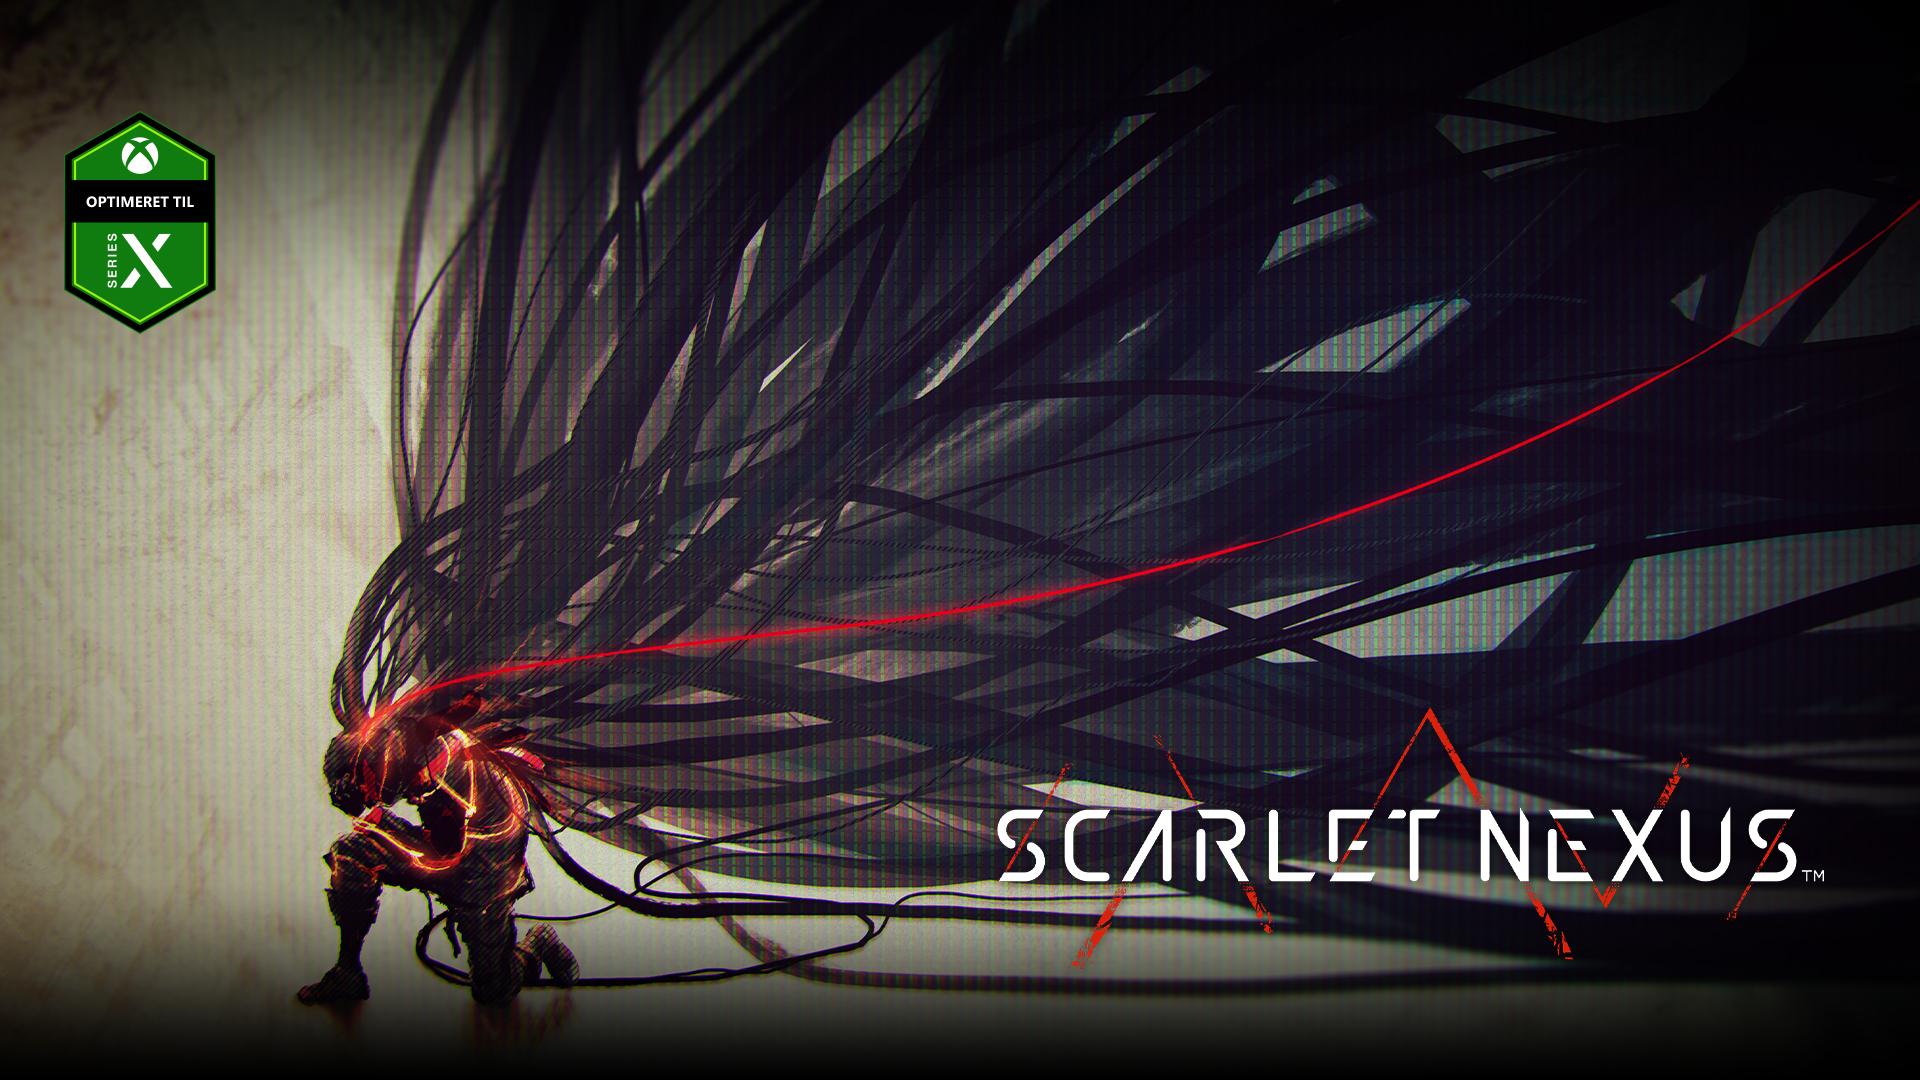 Scarlet Nexus, Optimeret til Xbox Series X, En mand knæler med store håragtige tråde, der flyder ud fra ham